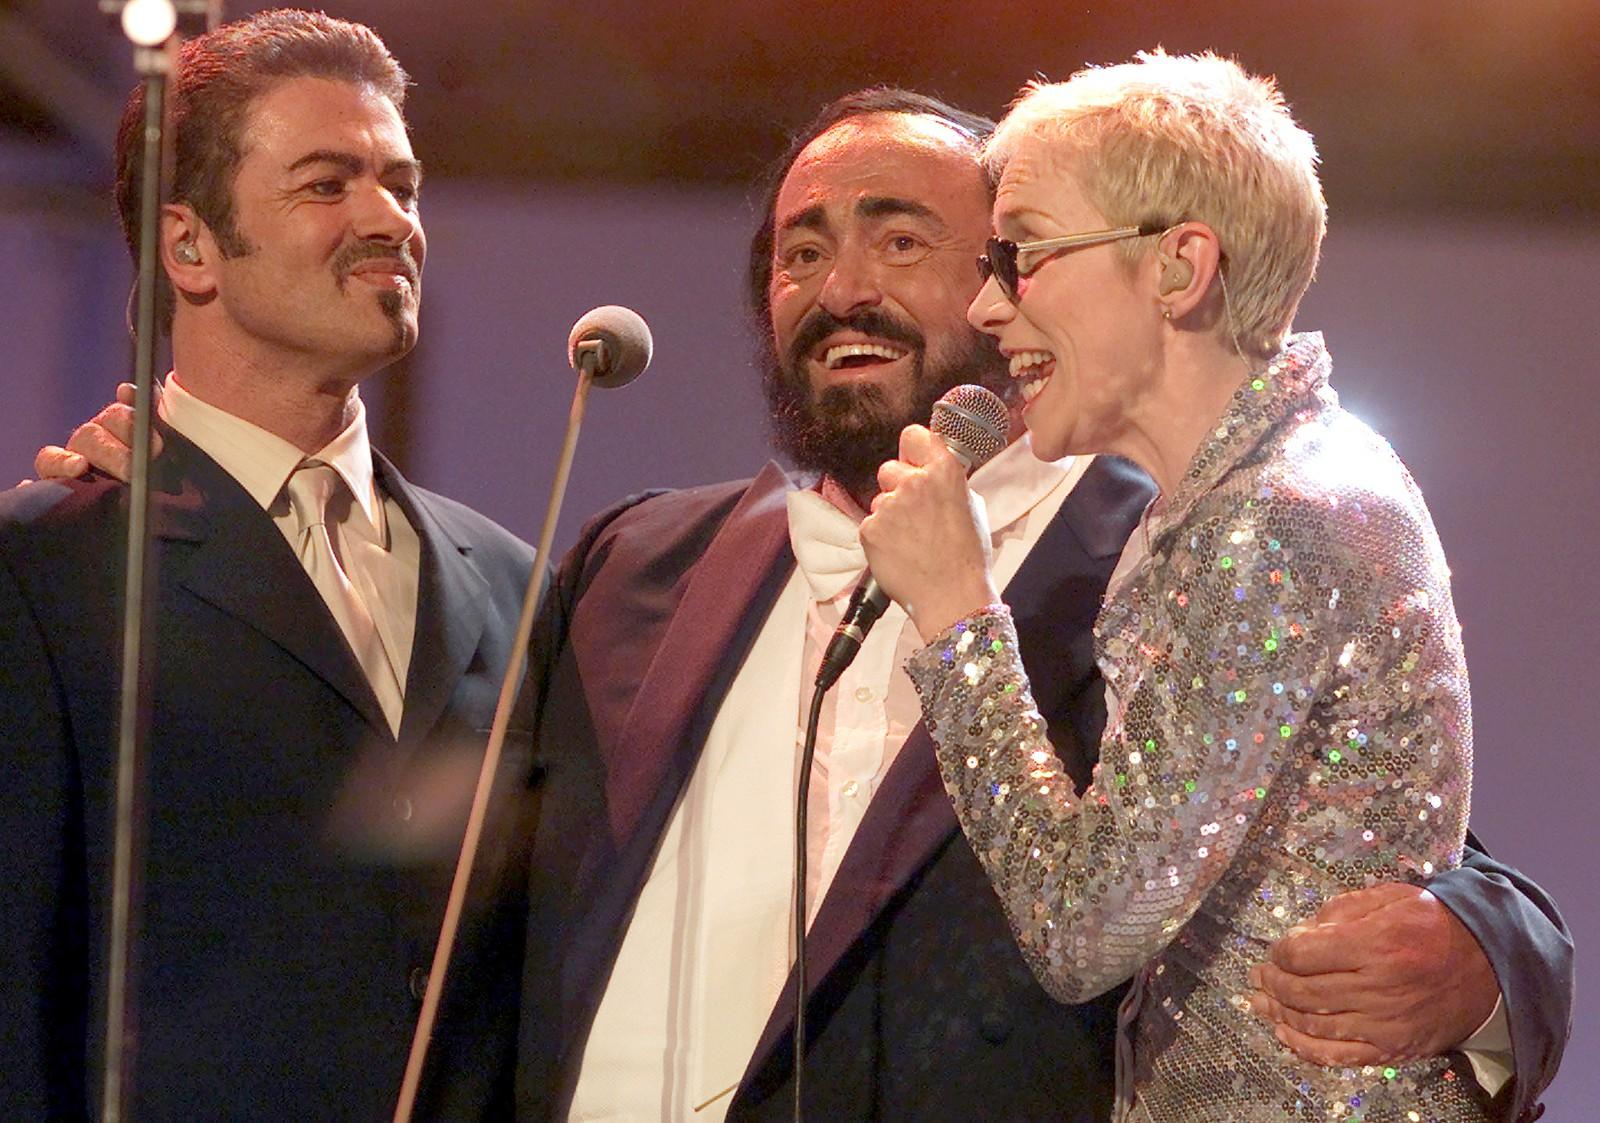 """2000: George Micael, Luciano Pavarotti og Annie Lennox fra Eurythmicspå scenen i Modena i Italia 6. juni 2000 på konserten """"Pavarotti & Friends"""". Konserten var en veldedighetskonsert til inntekt for barn i Kambodsja og Tibet."""